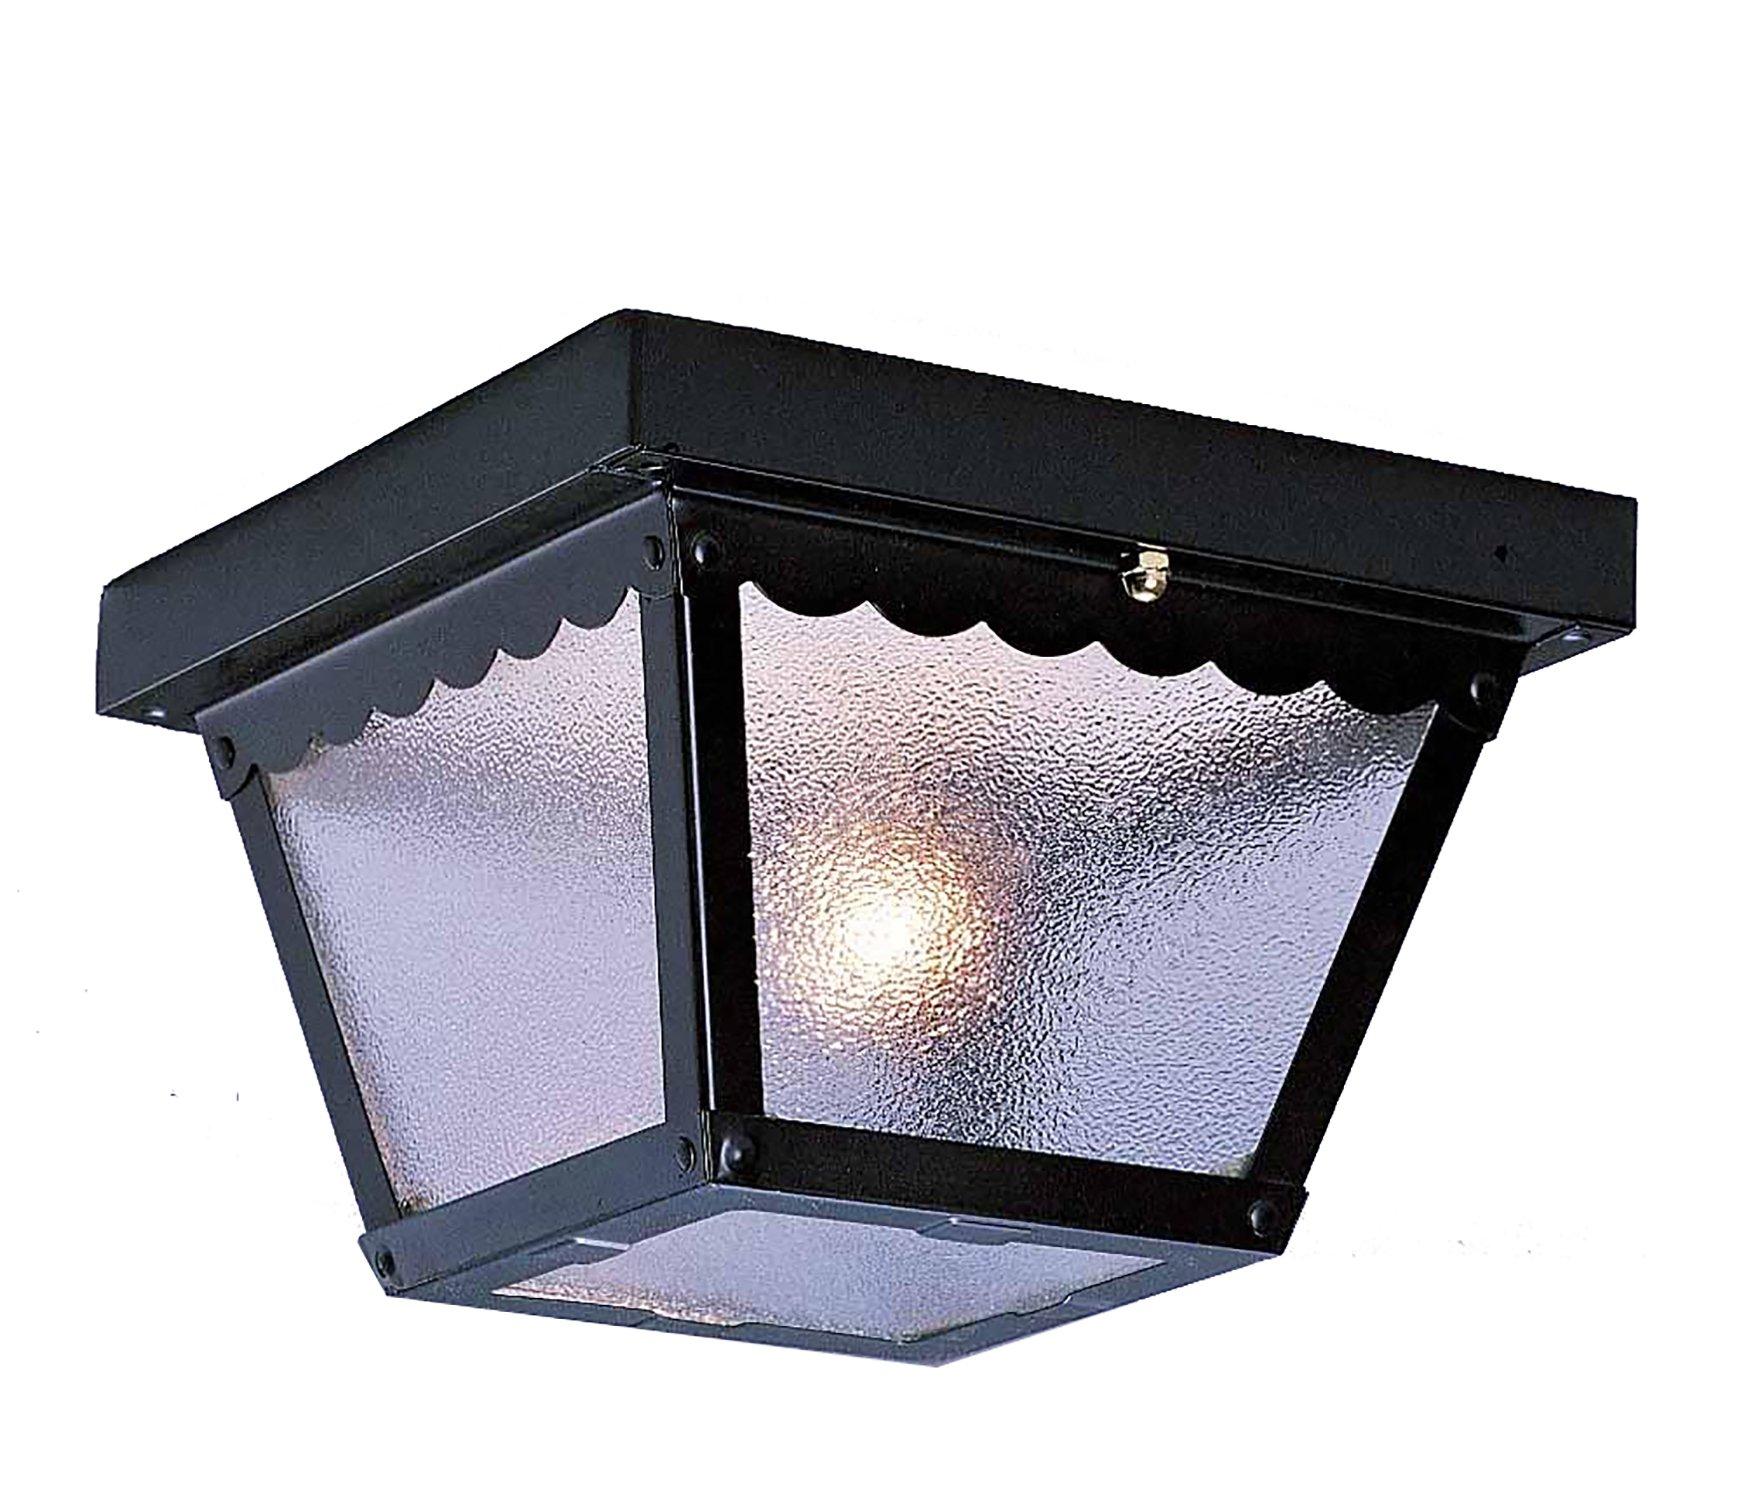 Volume Lighting V7231-5 1-Light Outdoor Ceiling Mount, Black